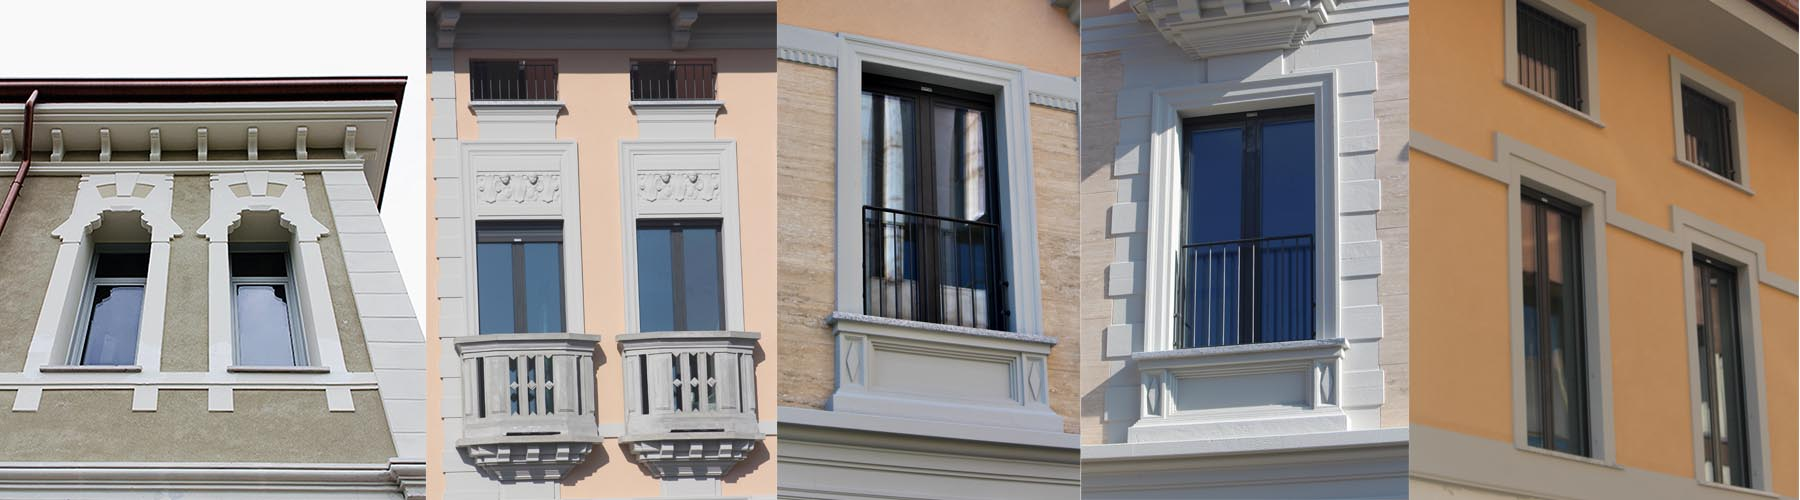 Cornici per finestre esterne in polistirolo, contorni finestra, restauro cornici finestre